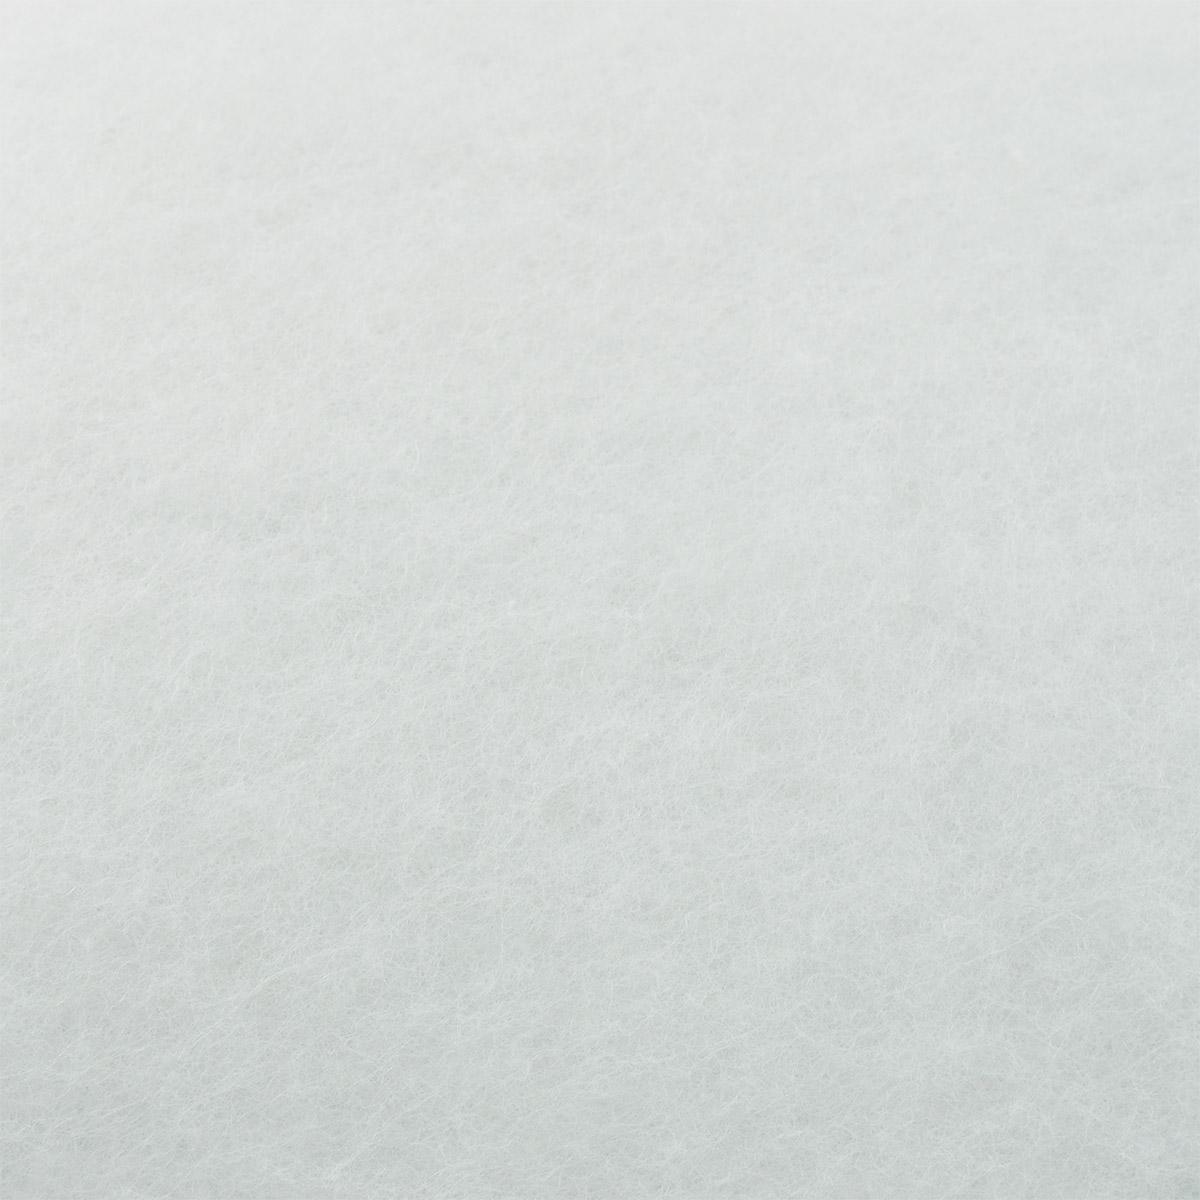 Полотно объёмное (синтепон) 75*100см, 300г/м2 Астра